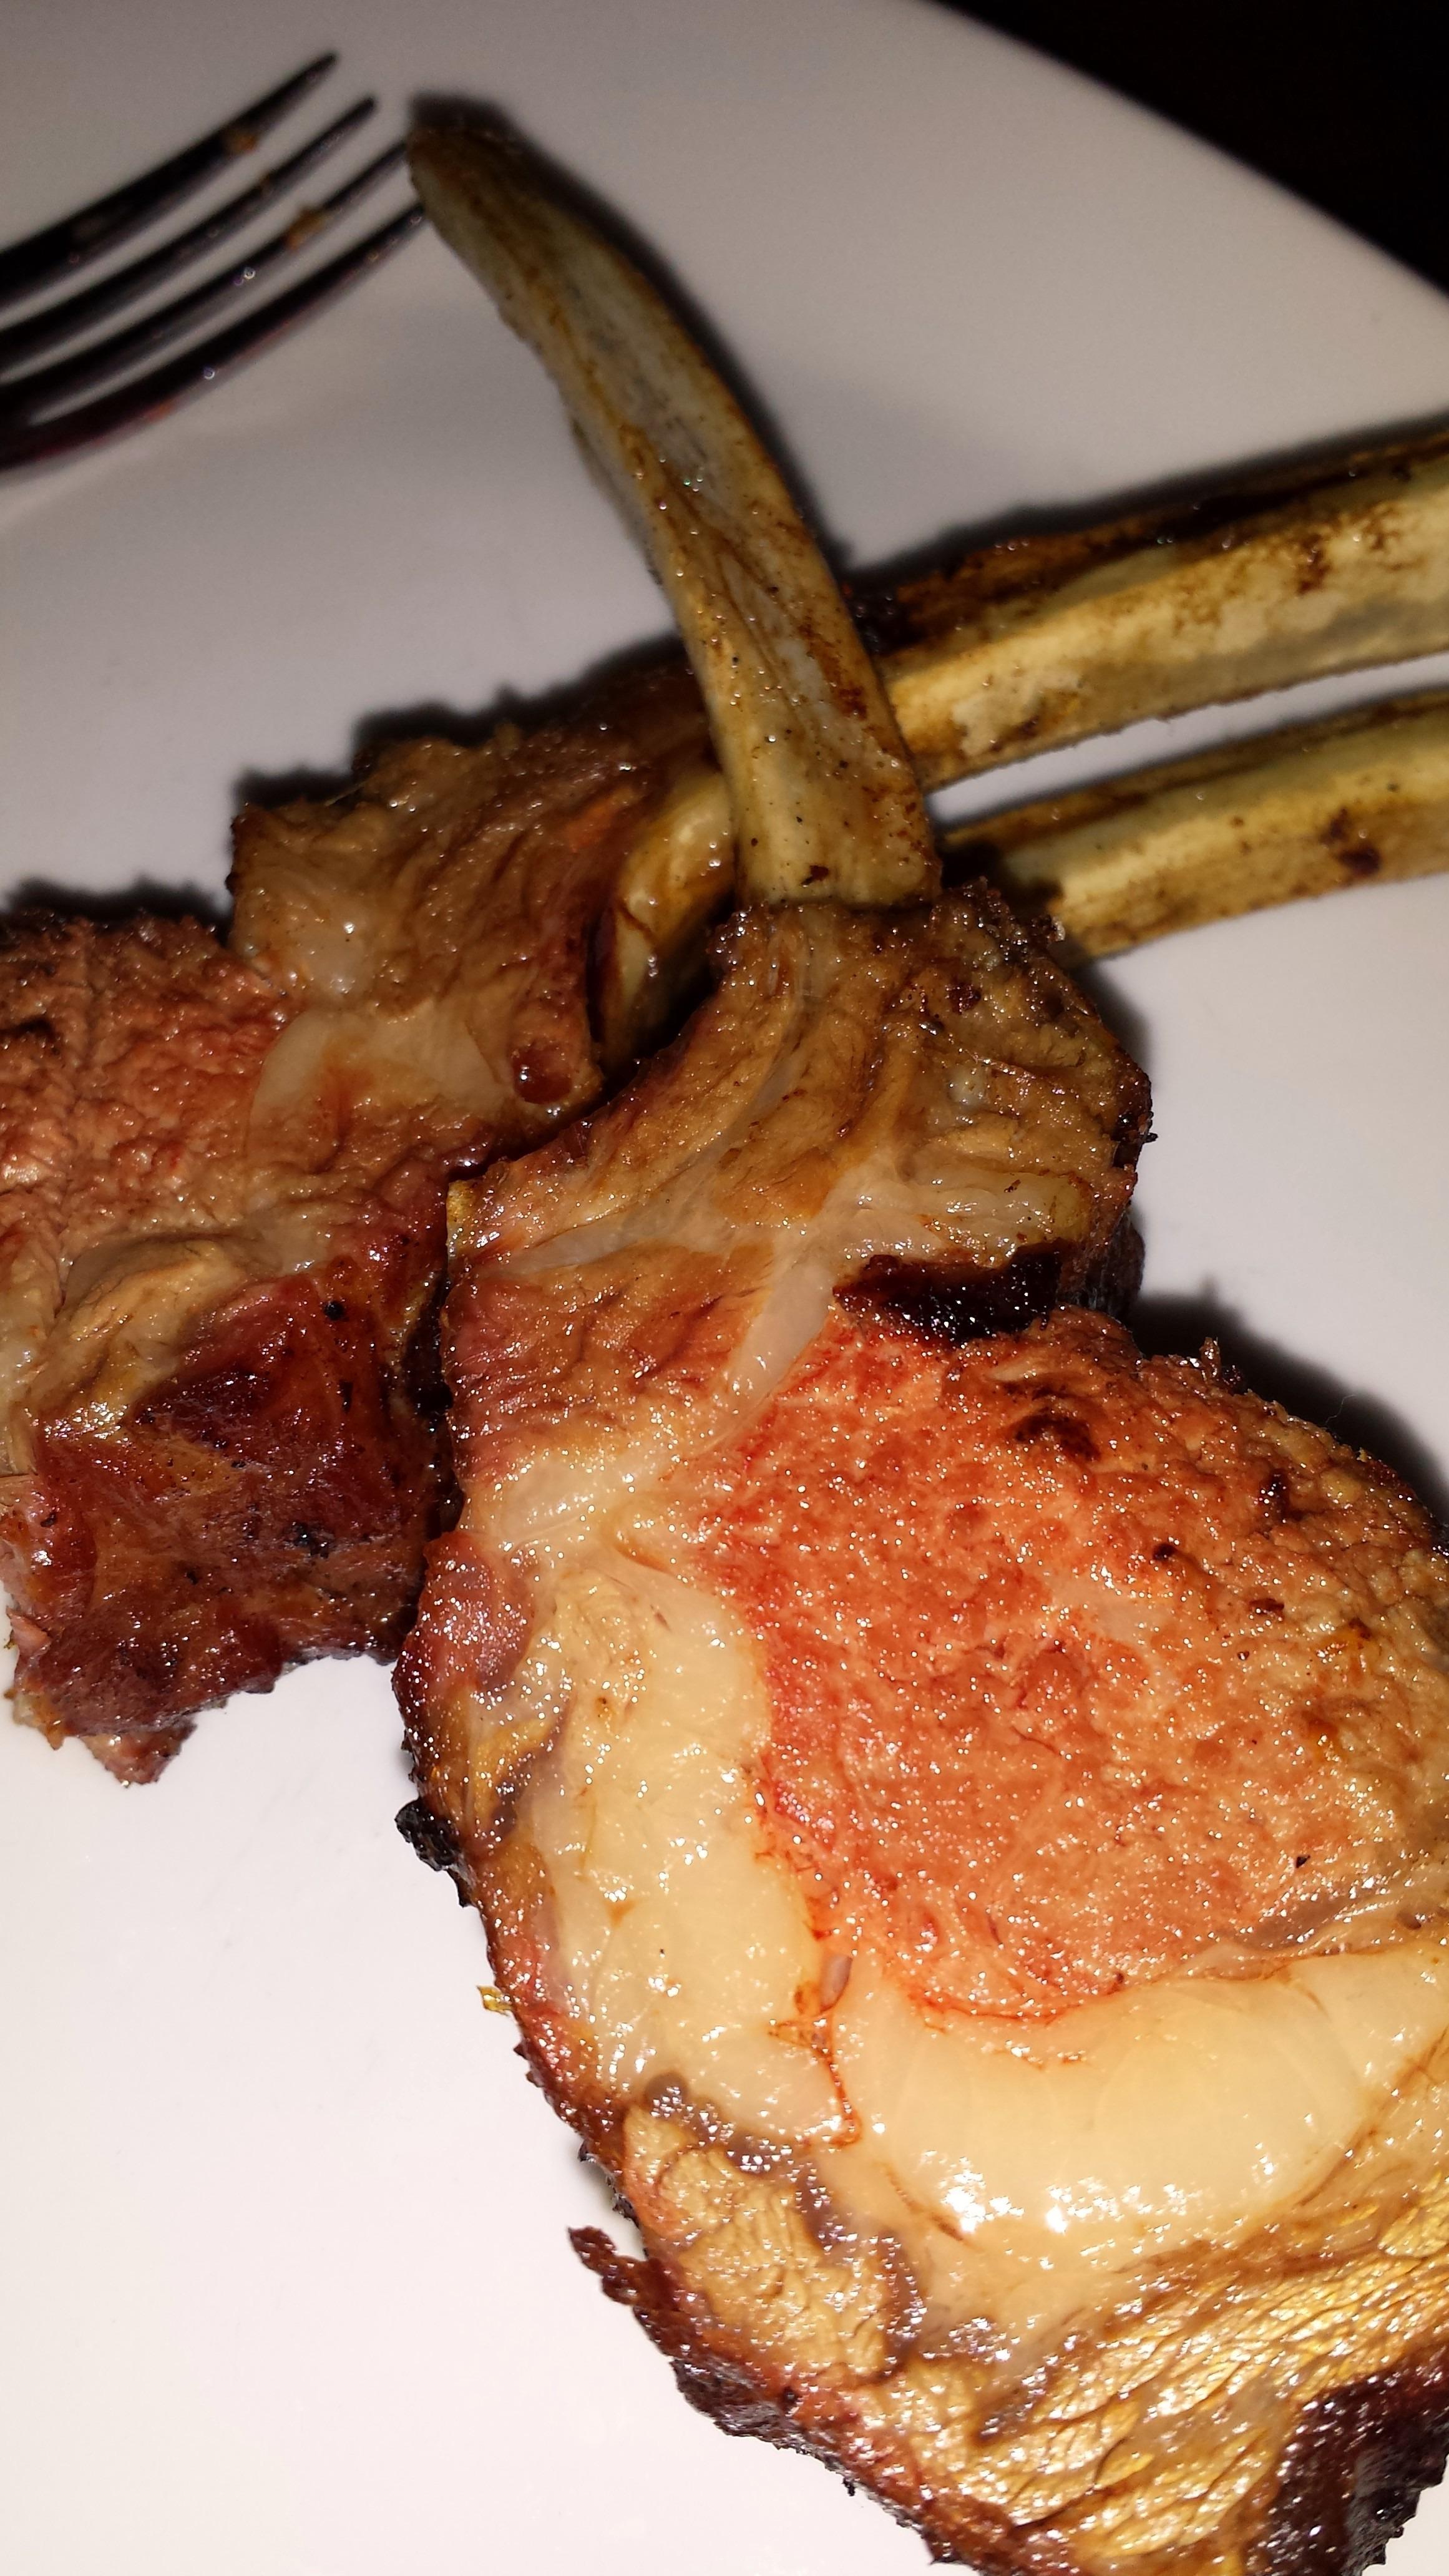 Kostenlose foto : Gericht, Mahlzeit, frisch, Essen, Fleisch ...